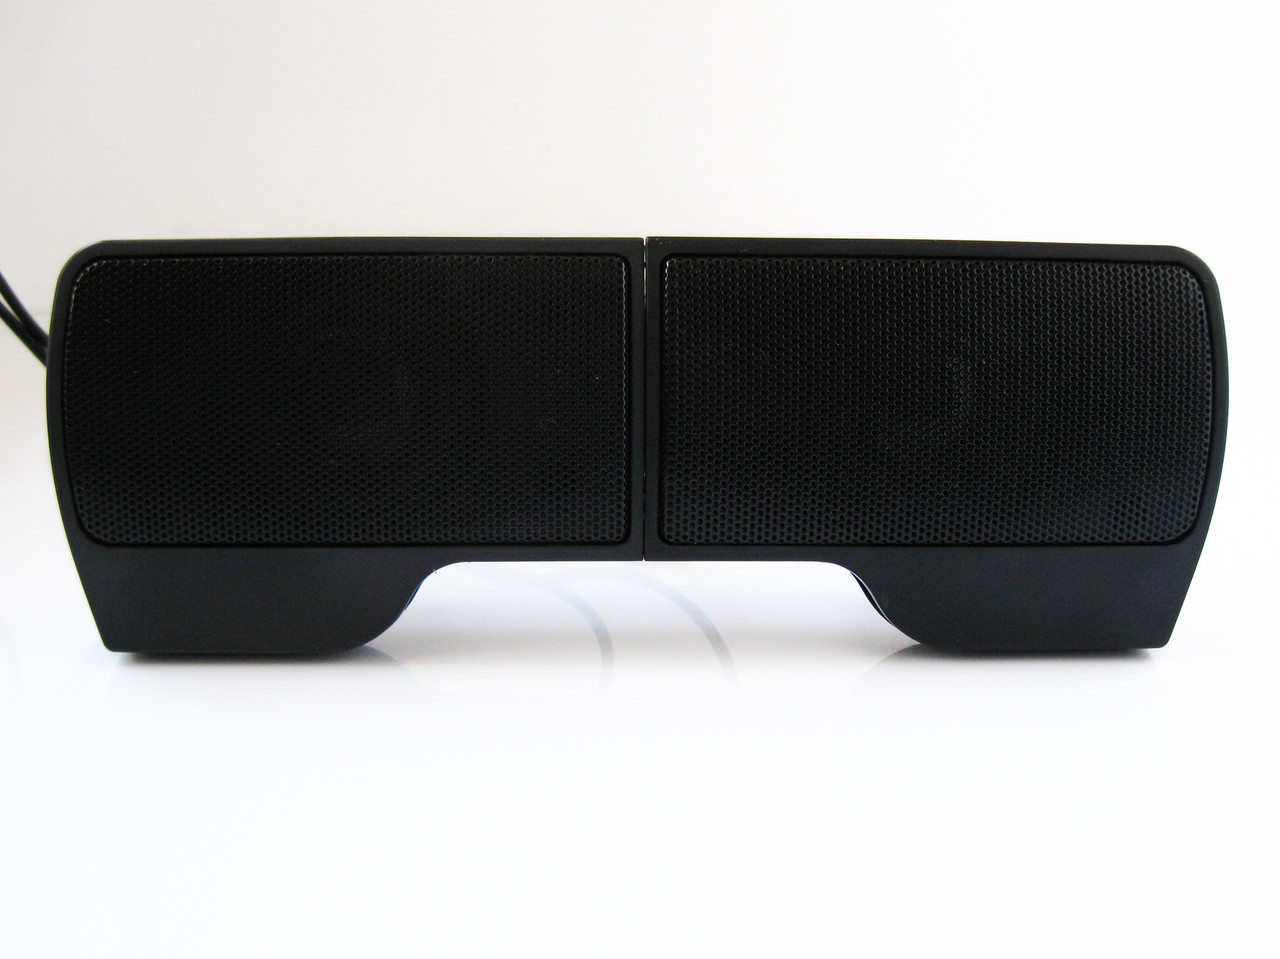 Акустическая система 2.0 6W TRY Sound CLIP USB крепление на крышку ноутбука черная новая гарантия 12мес!